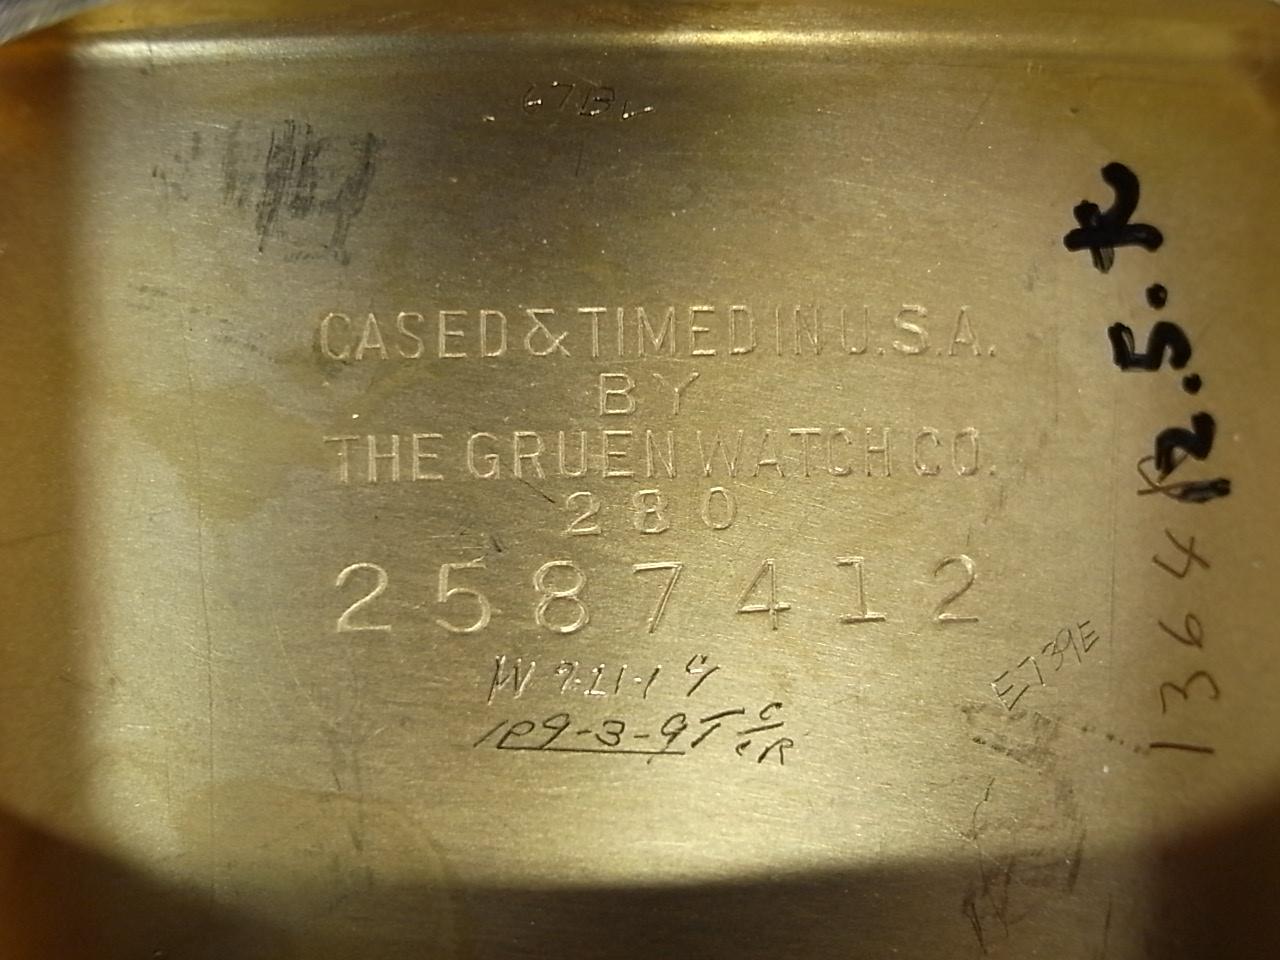 グリュエン カーベックス ロングレクタンギュラー 2トーンダイアル 1930年代の写真6枚目